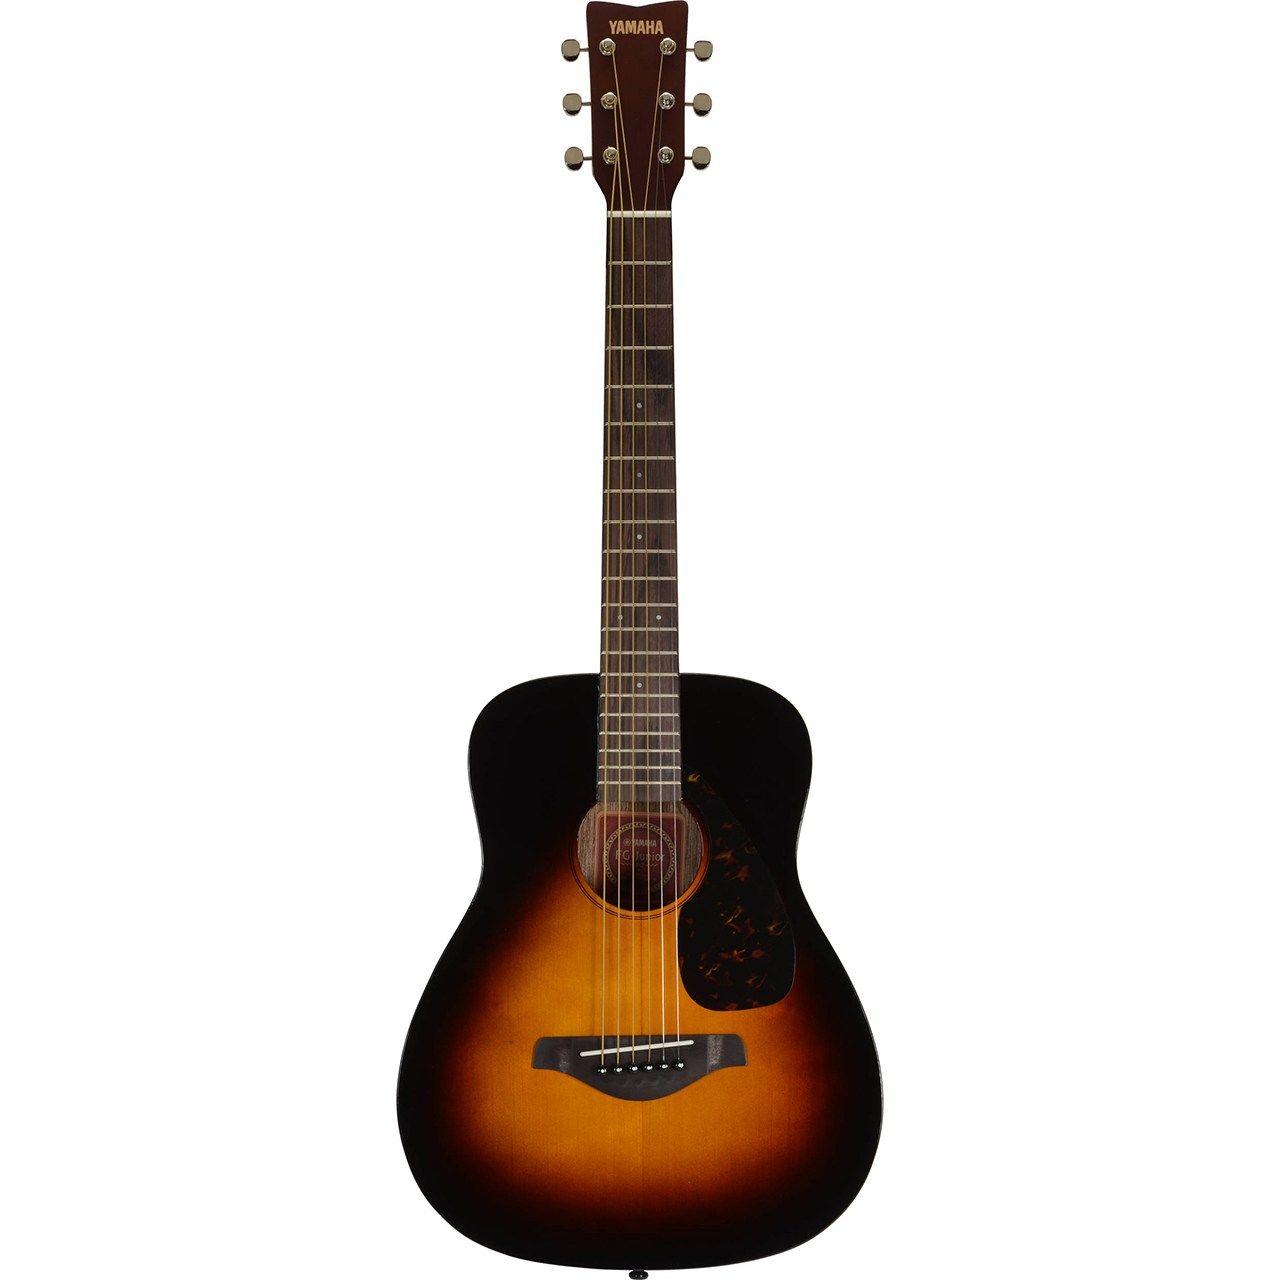 گیتار آکوستیک یاماها مدل JR2